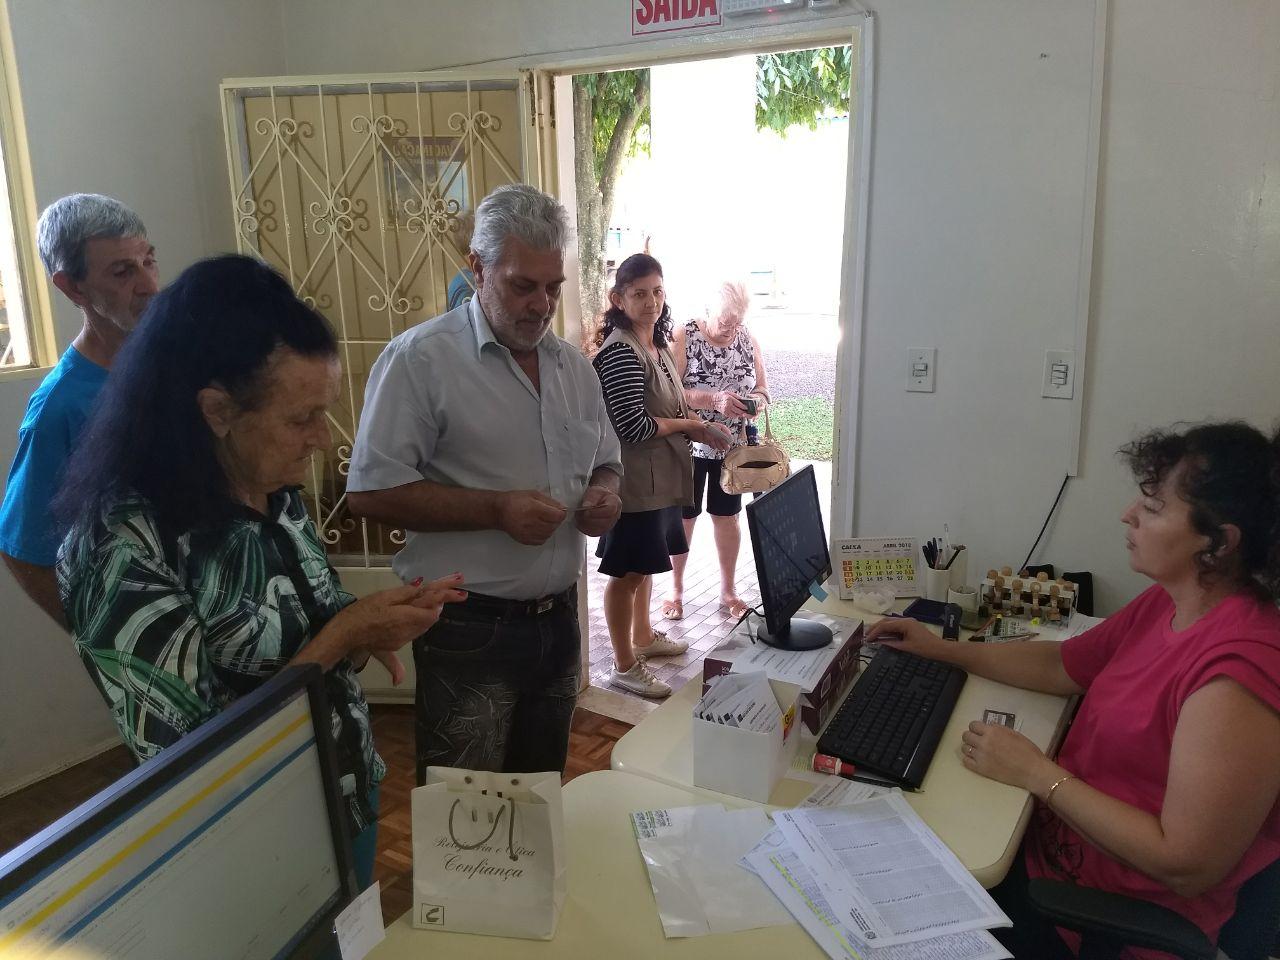 Sala de vacinas amplia atendimento para imunização contra gripe